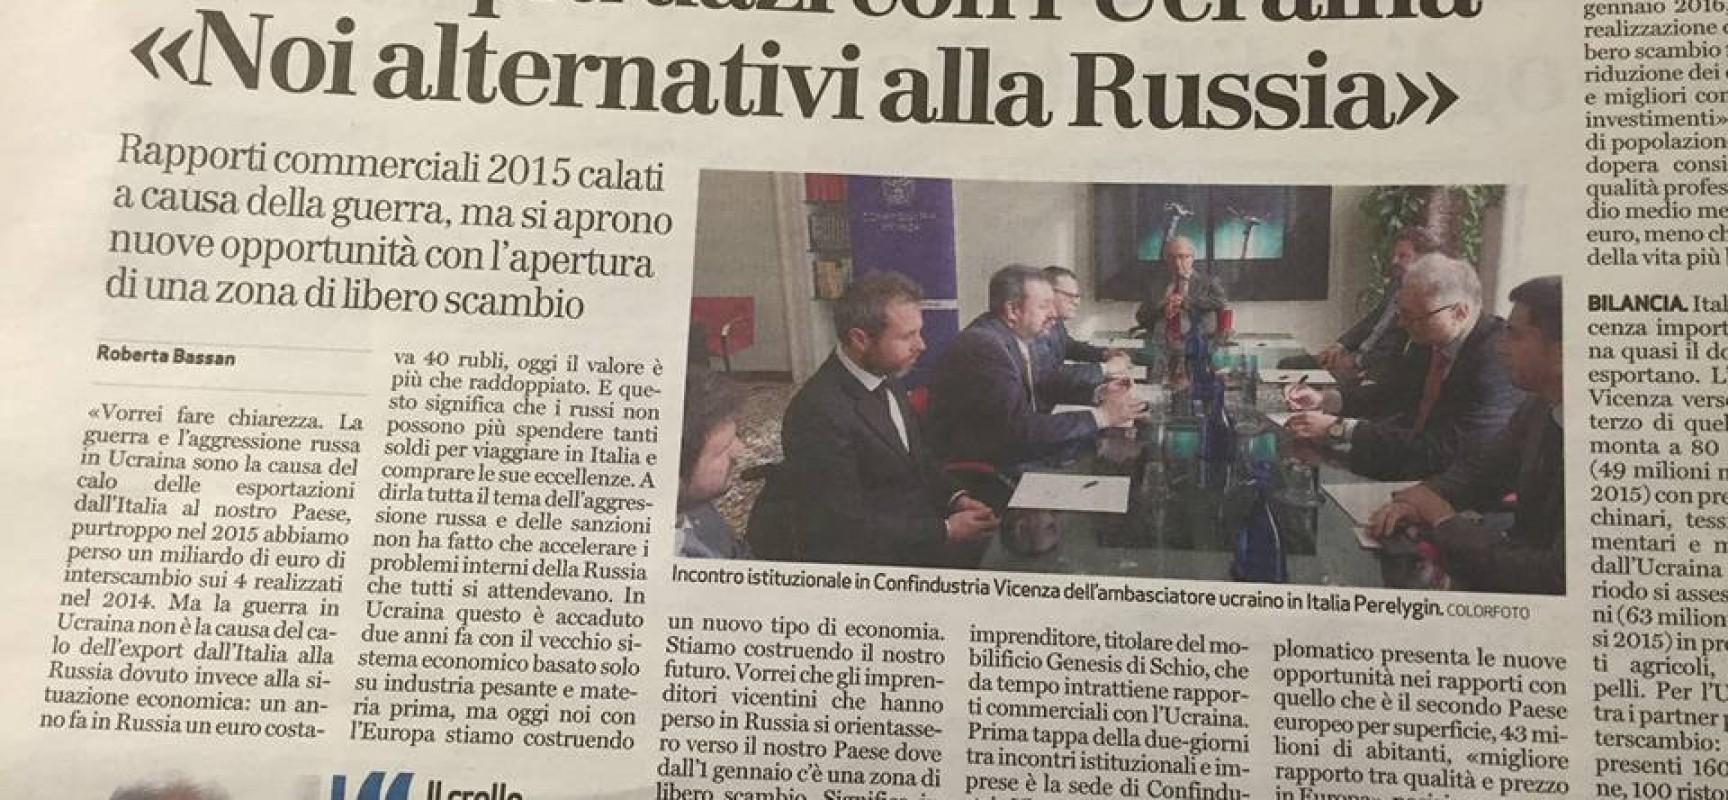 L'Italia perde un miliardo in Ucraina a causa dell'aggressione russa